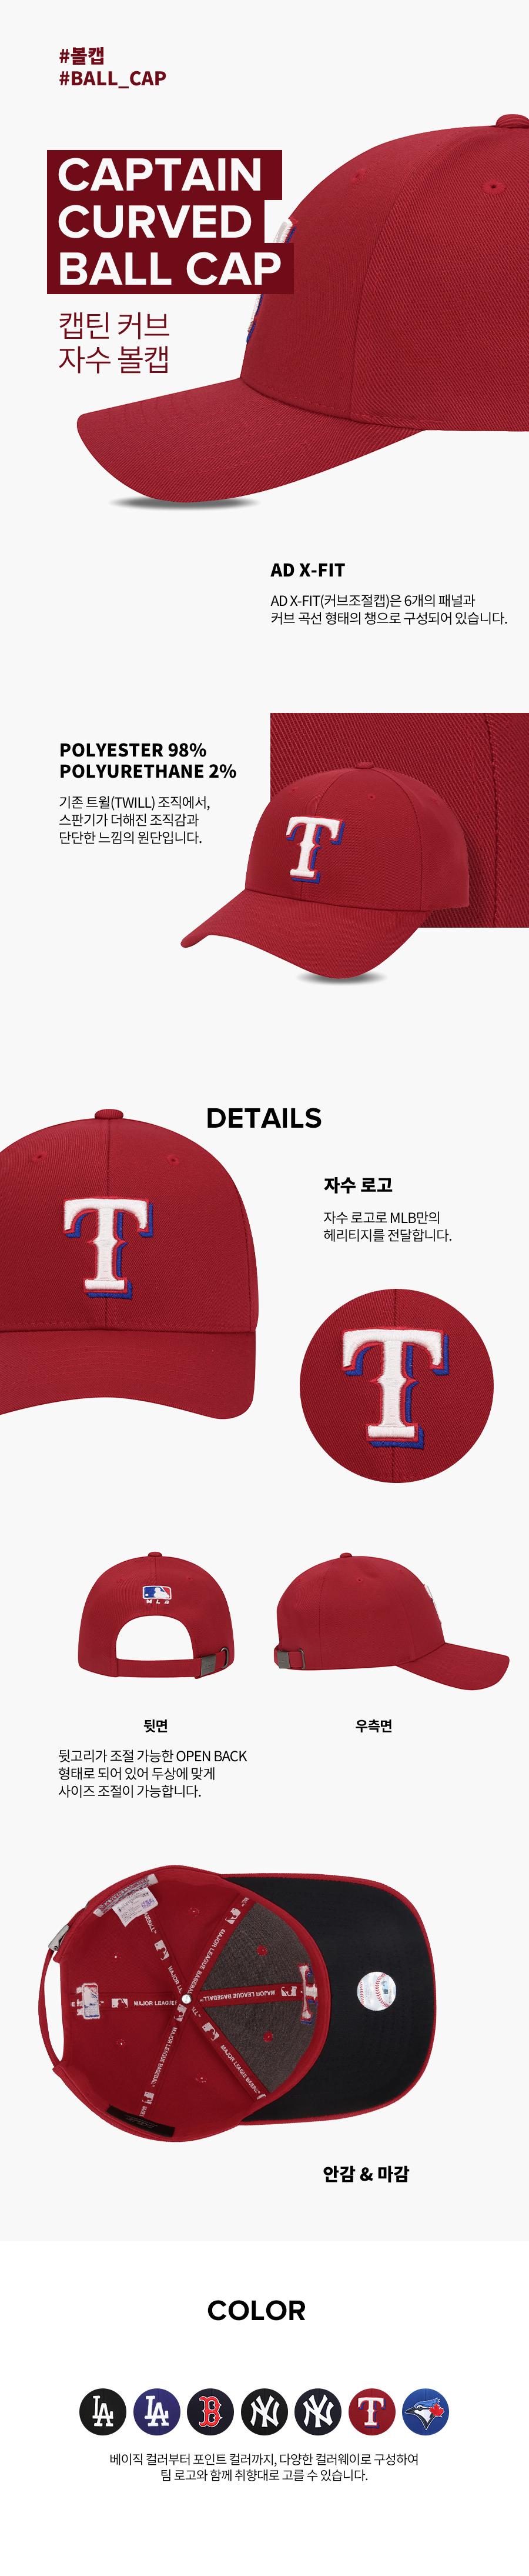 엠엘비(MLB) 캡틴 스트럭쳐 볼캡 T (RED)